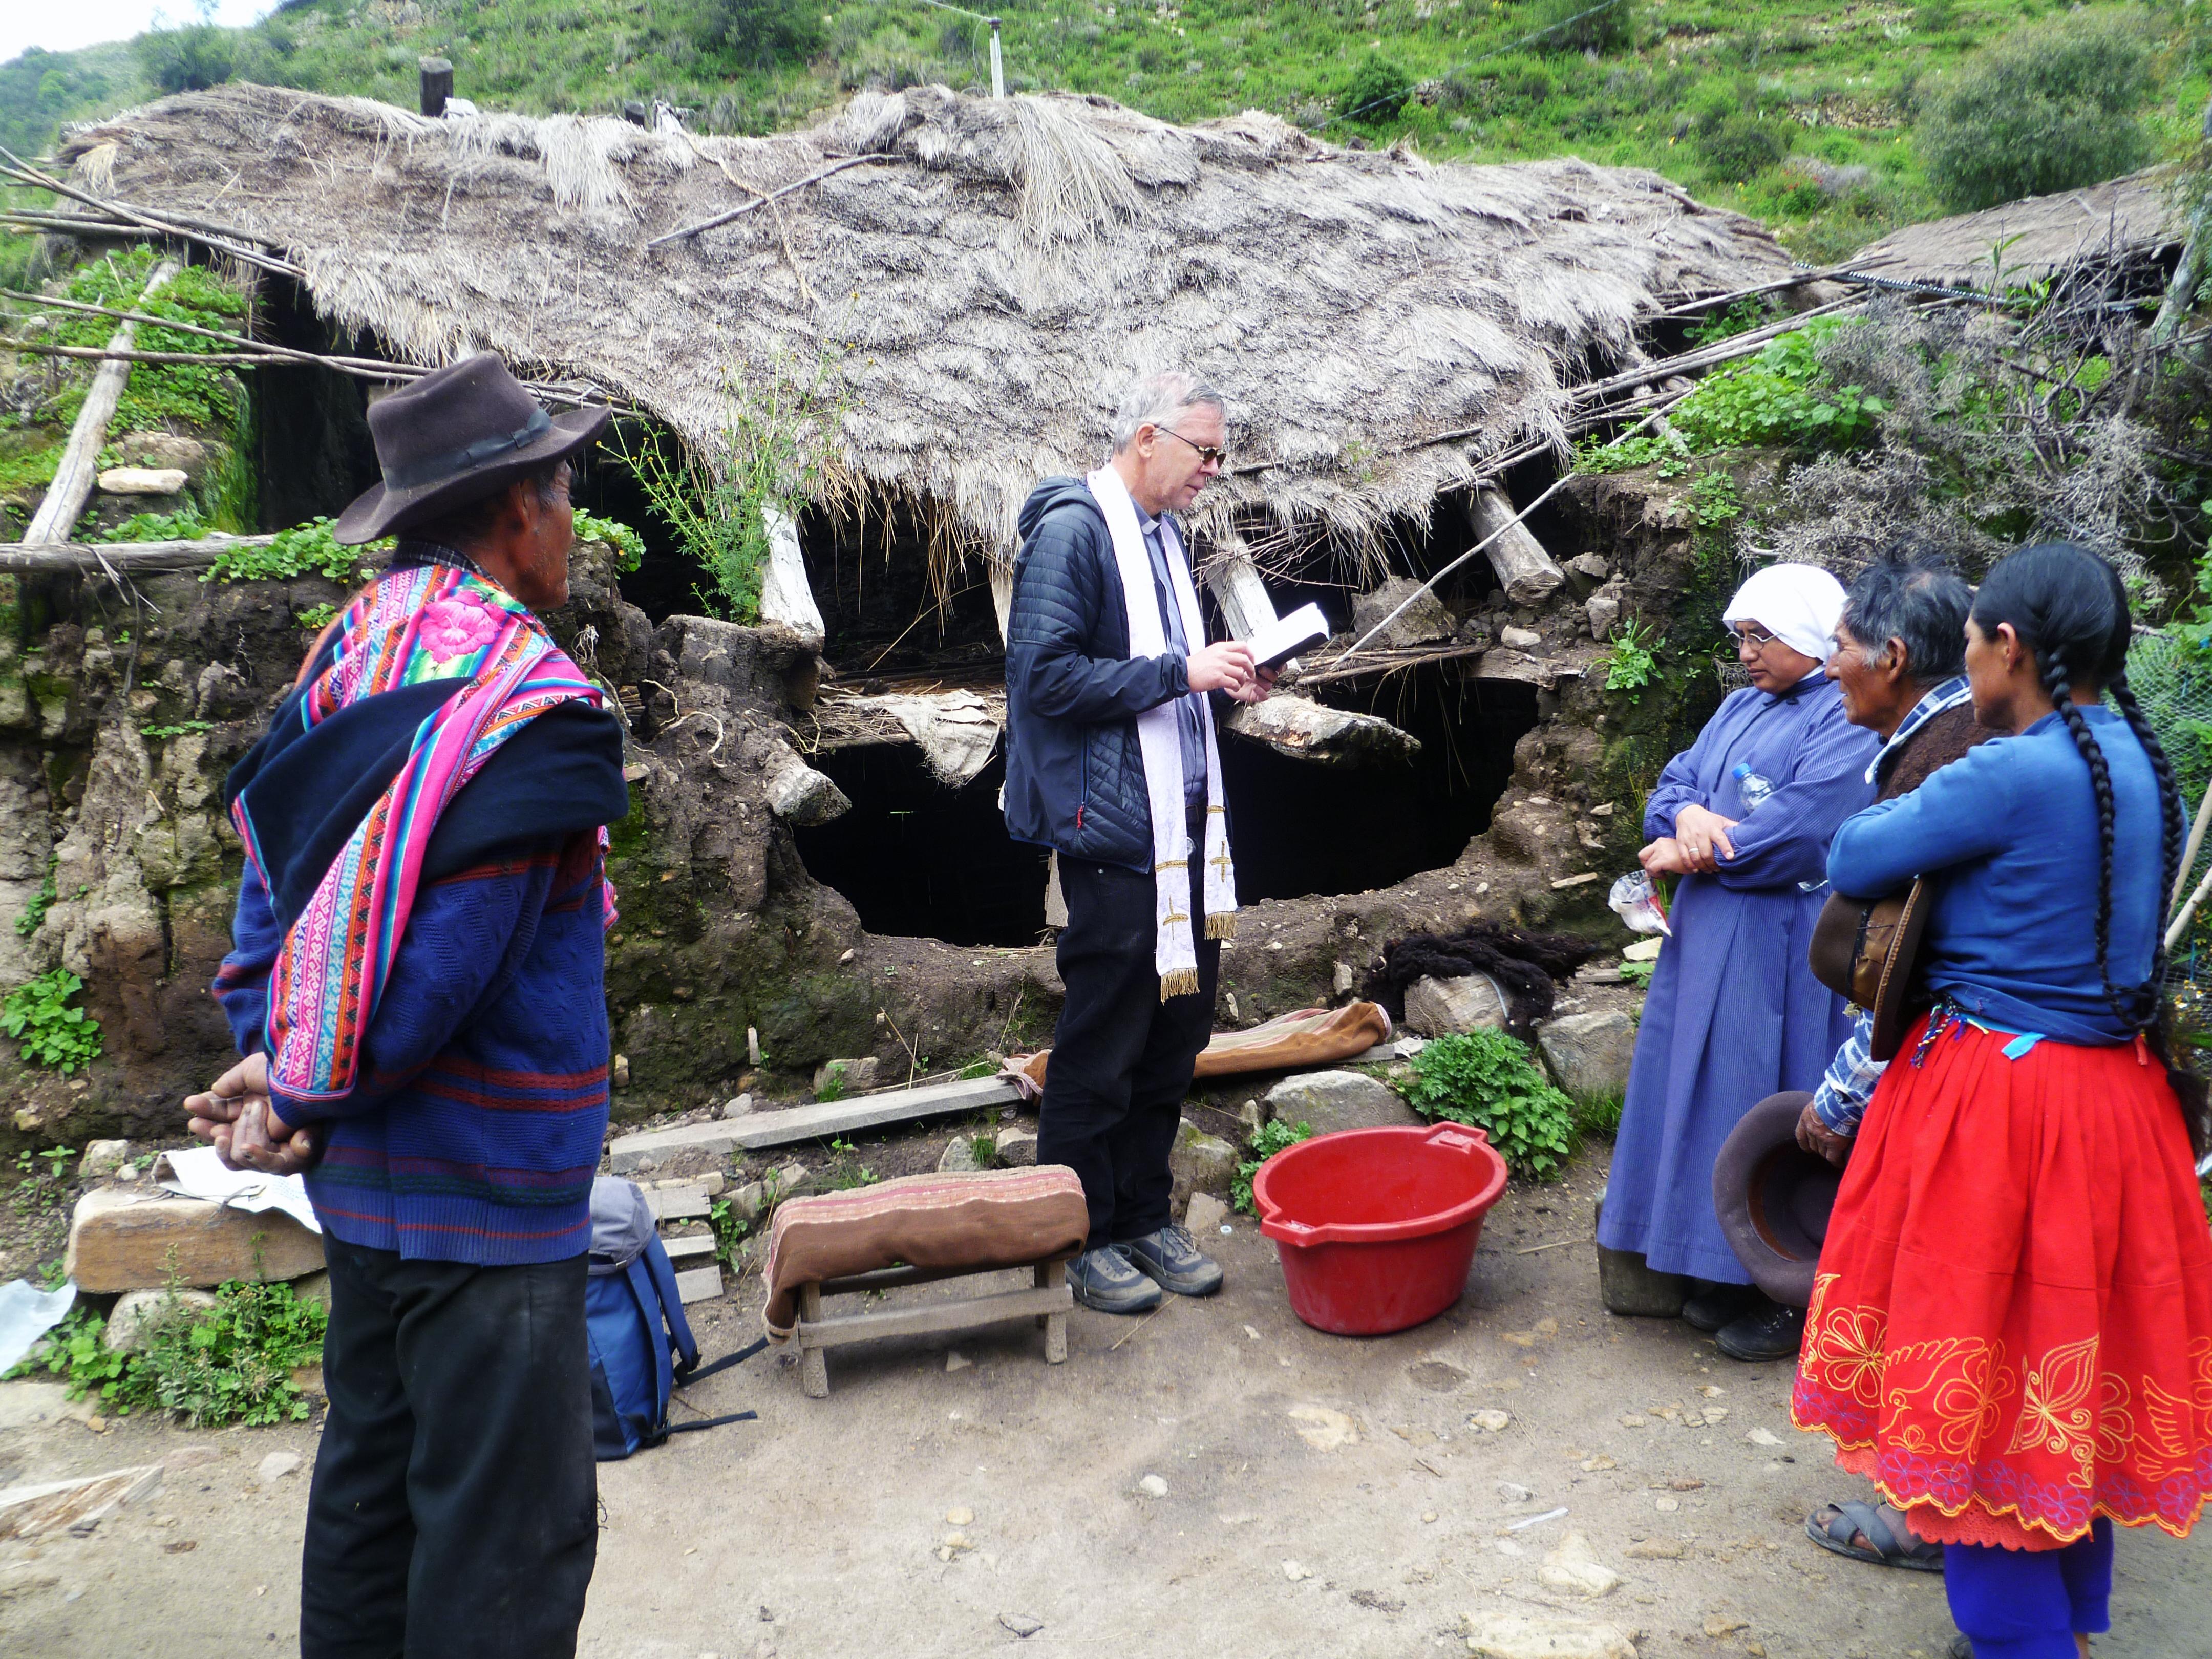 Evangelizar en los suburbios prioridad de la Iglesia en Perú: Marco Mencaglia